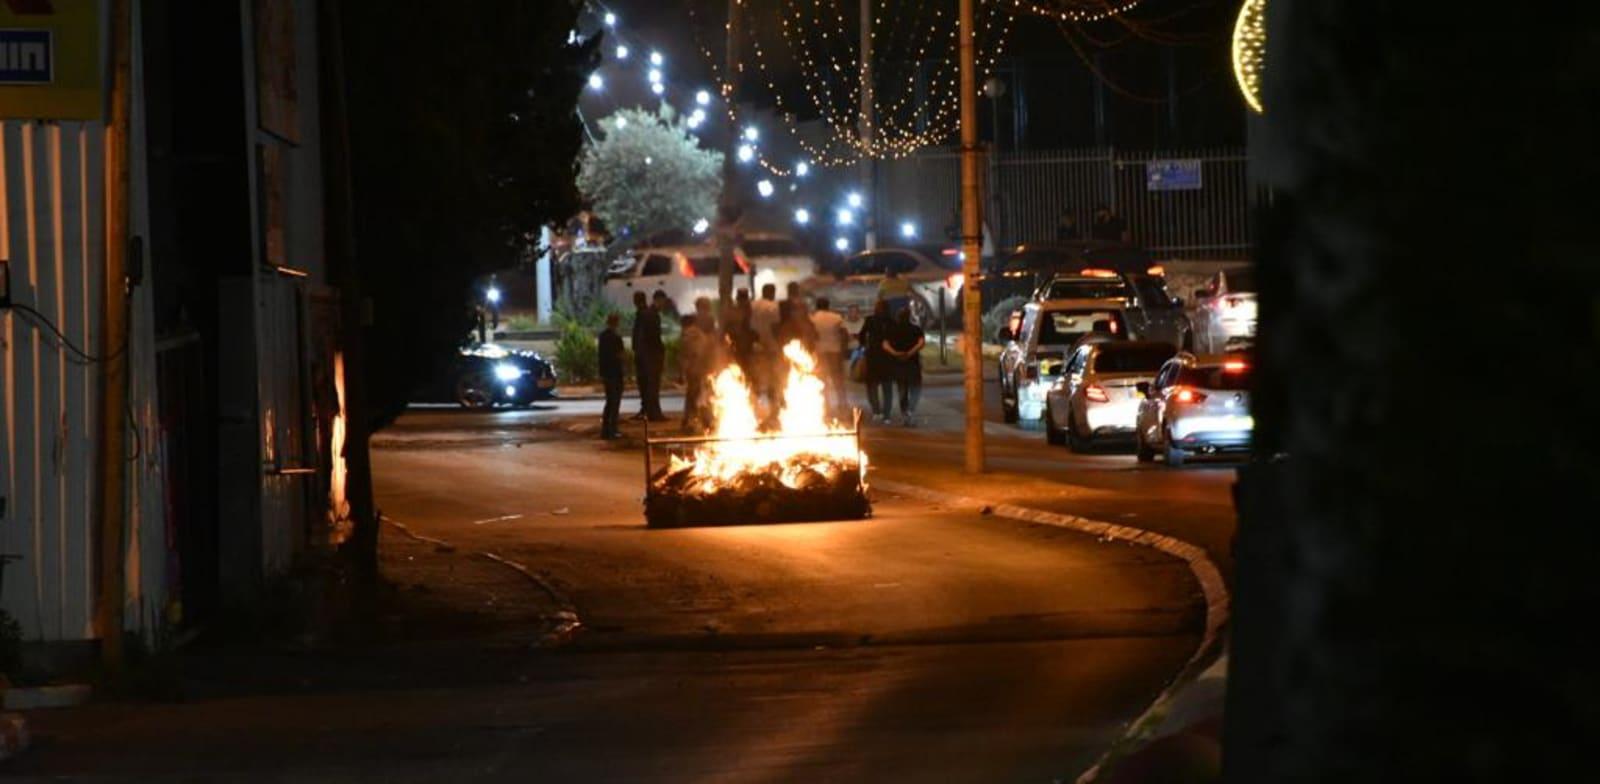 הפרות סדר באום אל פאחם שכללו יידוי אבנים ובקבוקי תבערה / צילום: דוברות משטרת ישראל